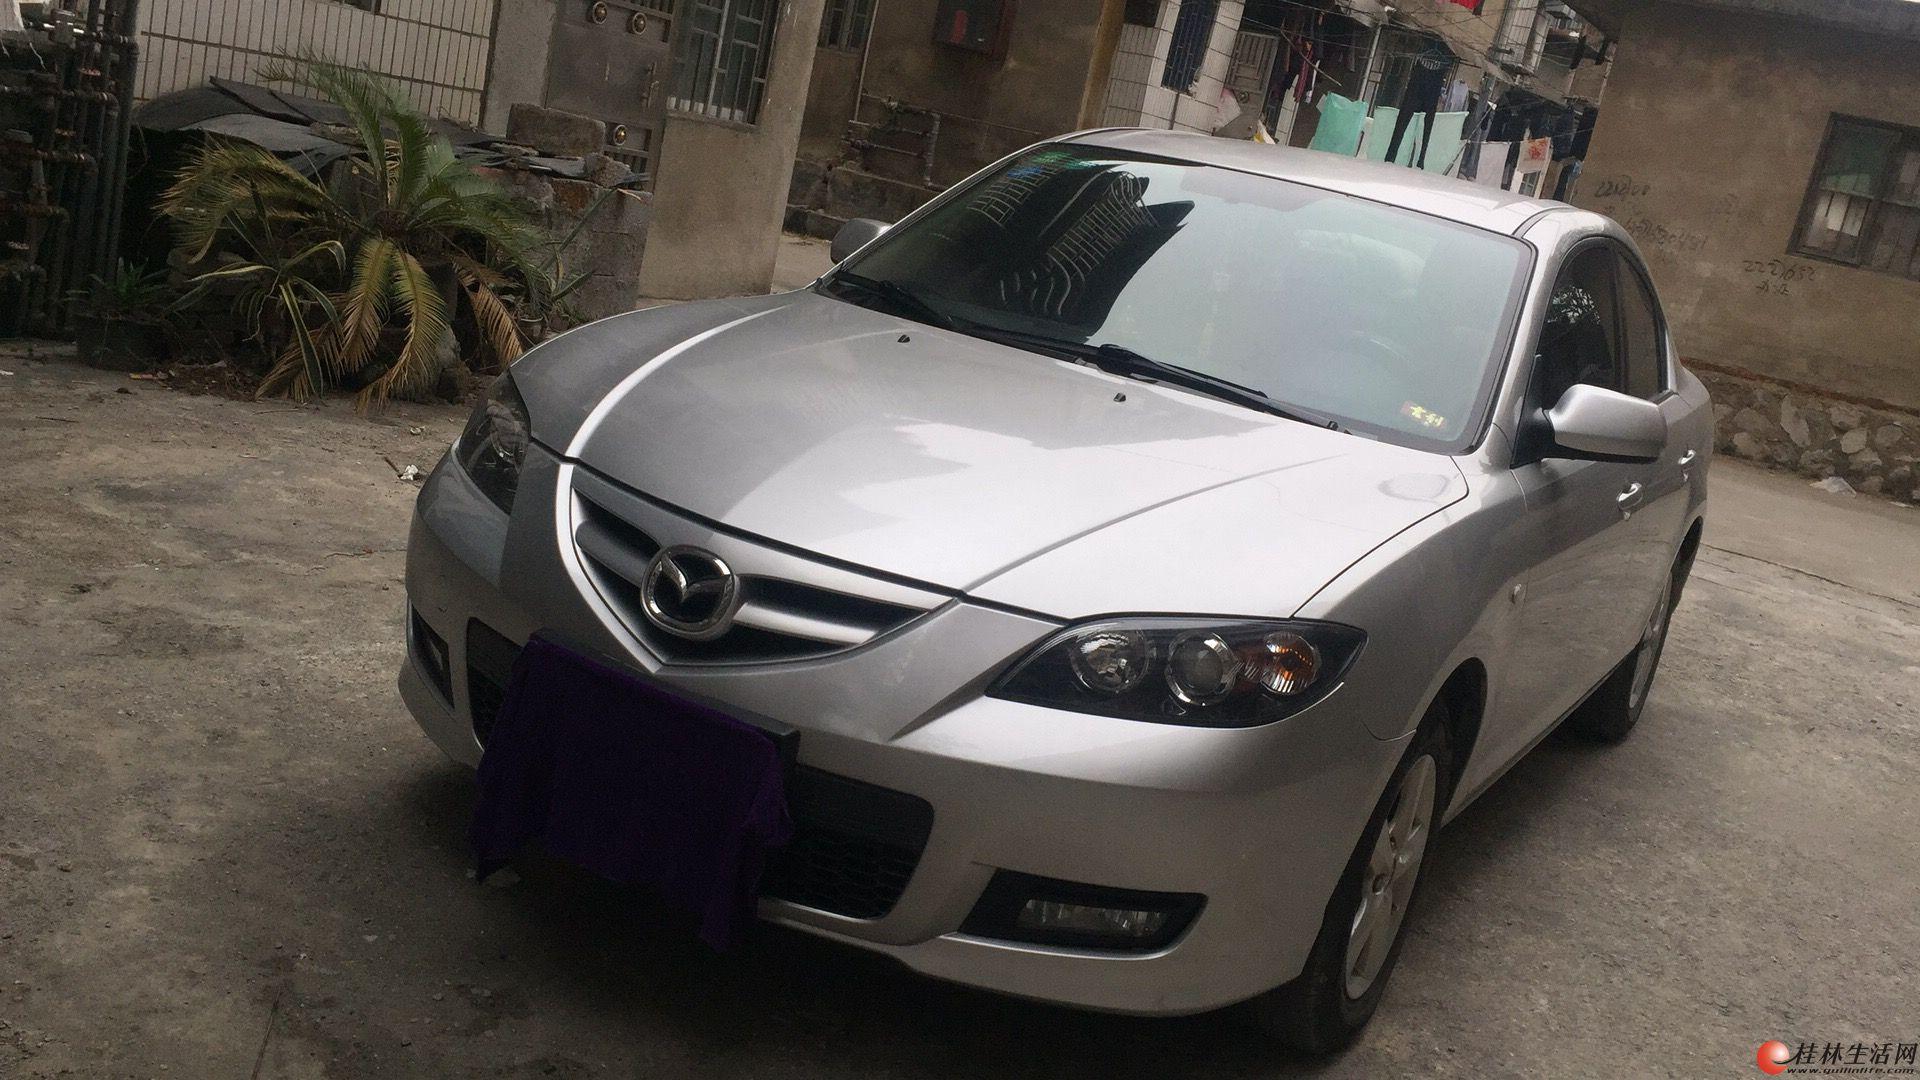 私家车 2011年 银色 马自达3 手动档